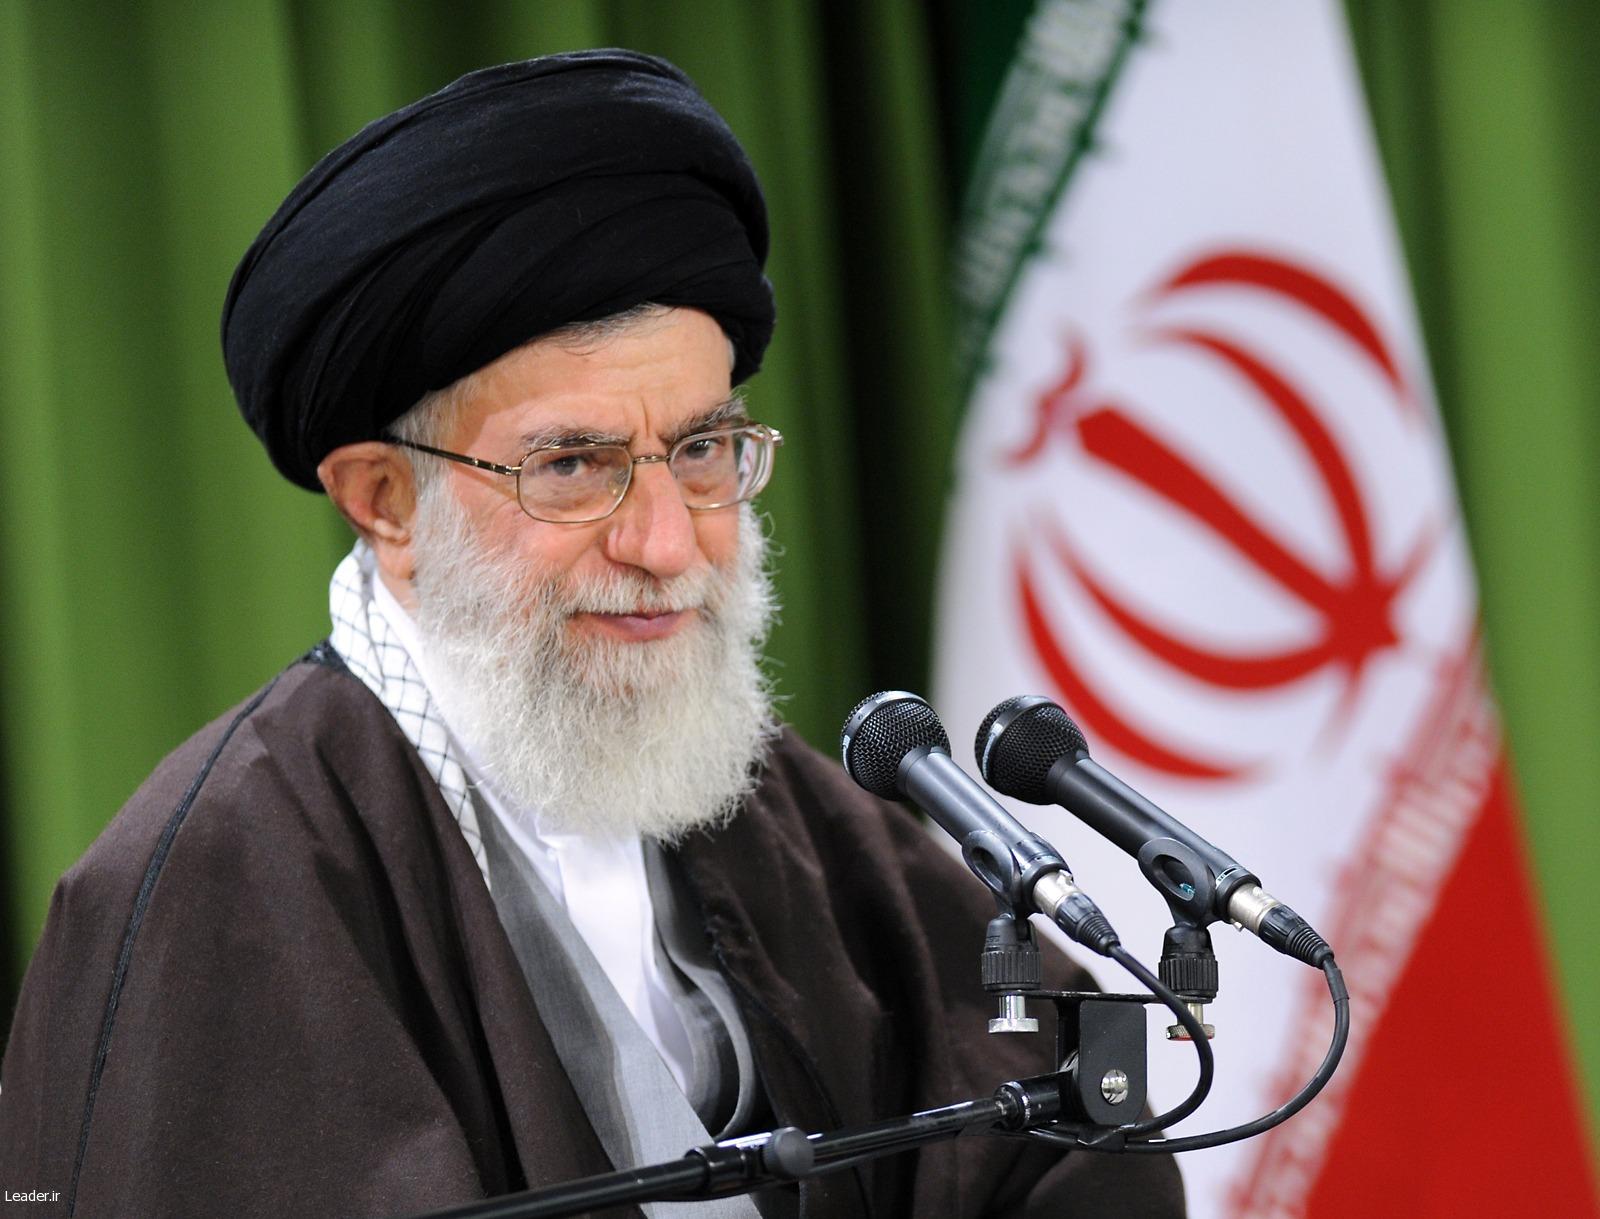 رهبری معظم انقلاب درگذشت حجتالاسلام شیخ محمدحسین سبحانی را تسلیت گفتند